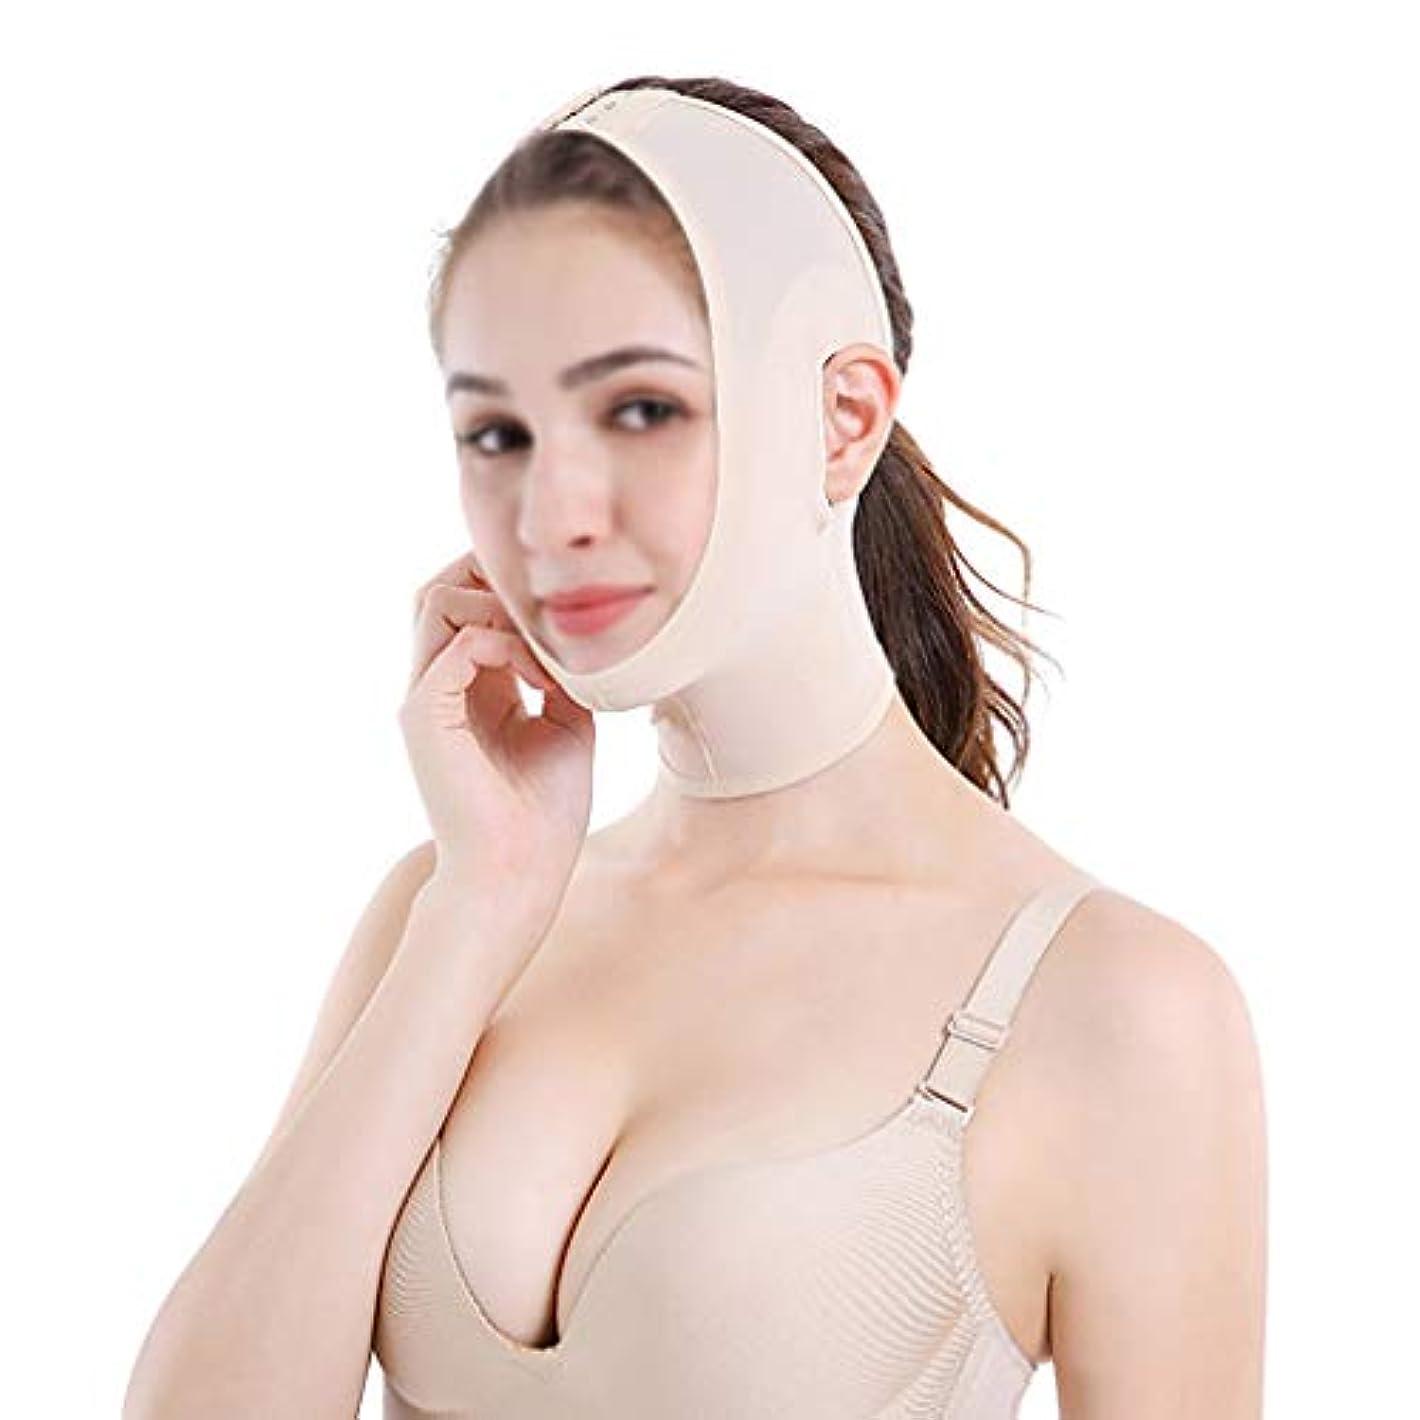 最も遠い真向こう受賞GLJJQMY ベルト痩身ベルト薄い顔の包帯の小さいV顔の顔の薄い顔のアーティファクトの薄い顔の固定マスク 顔用整形マスク (Size : L)